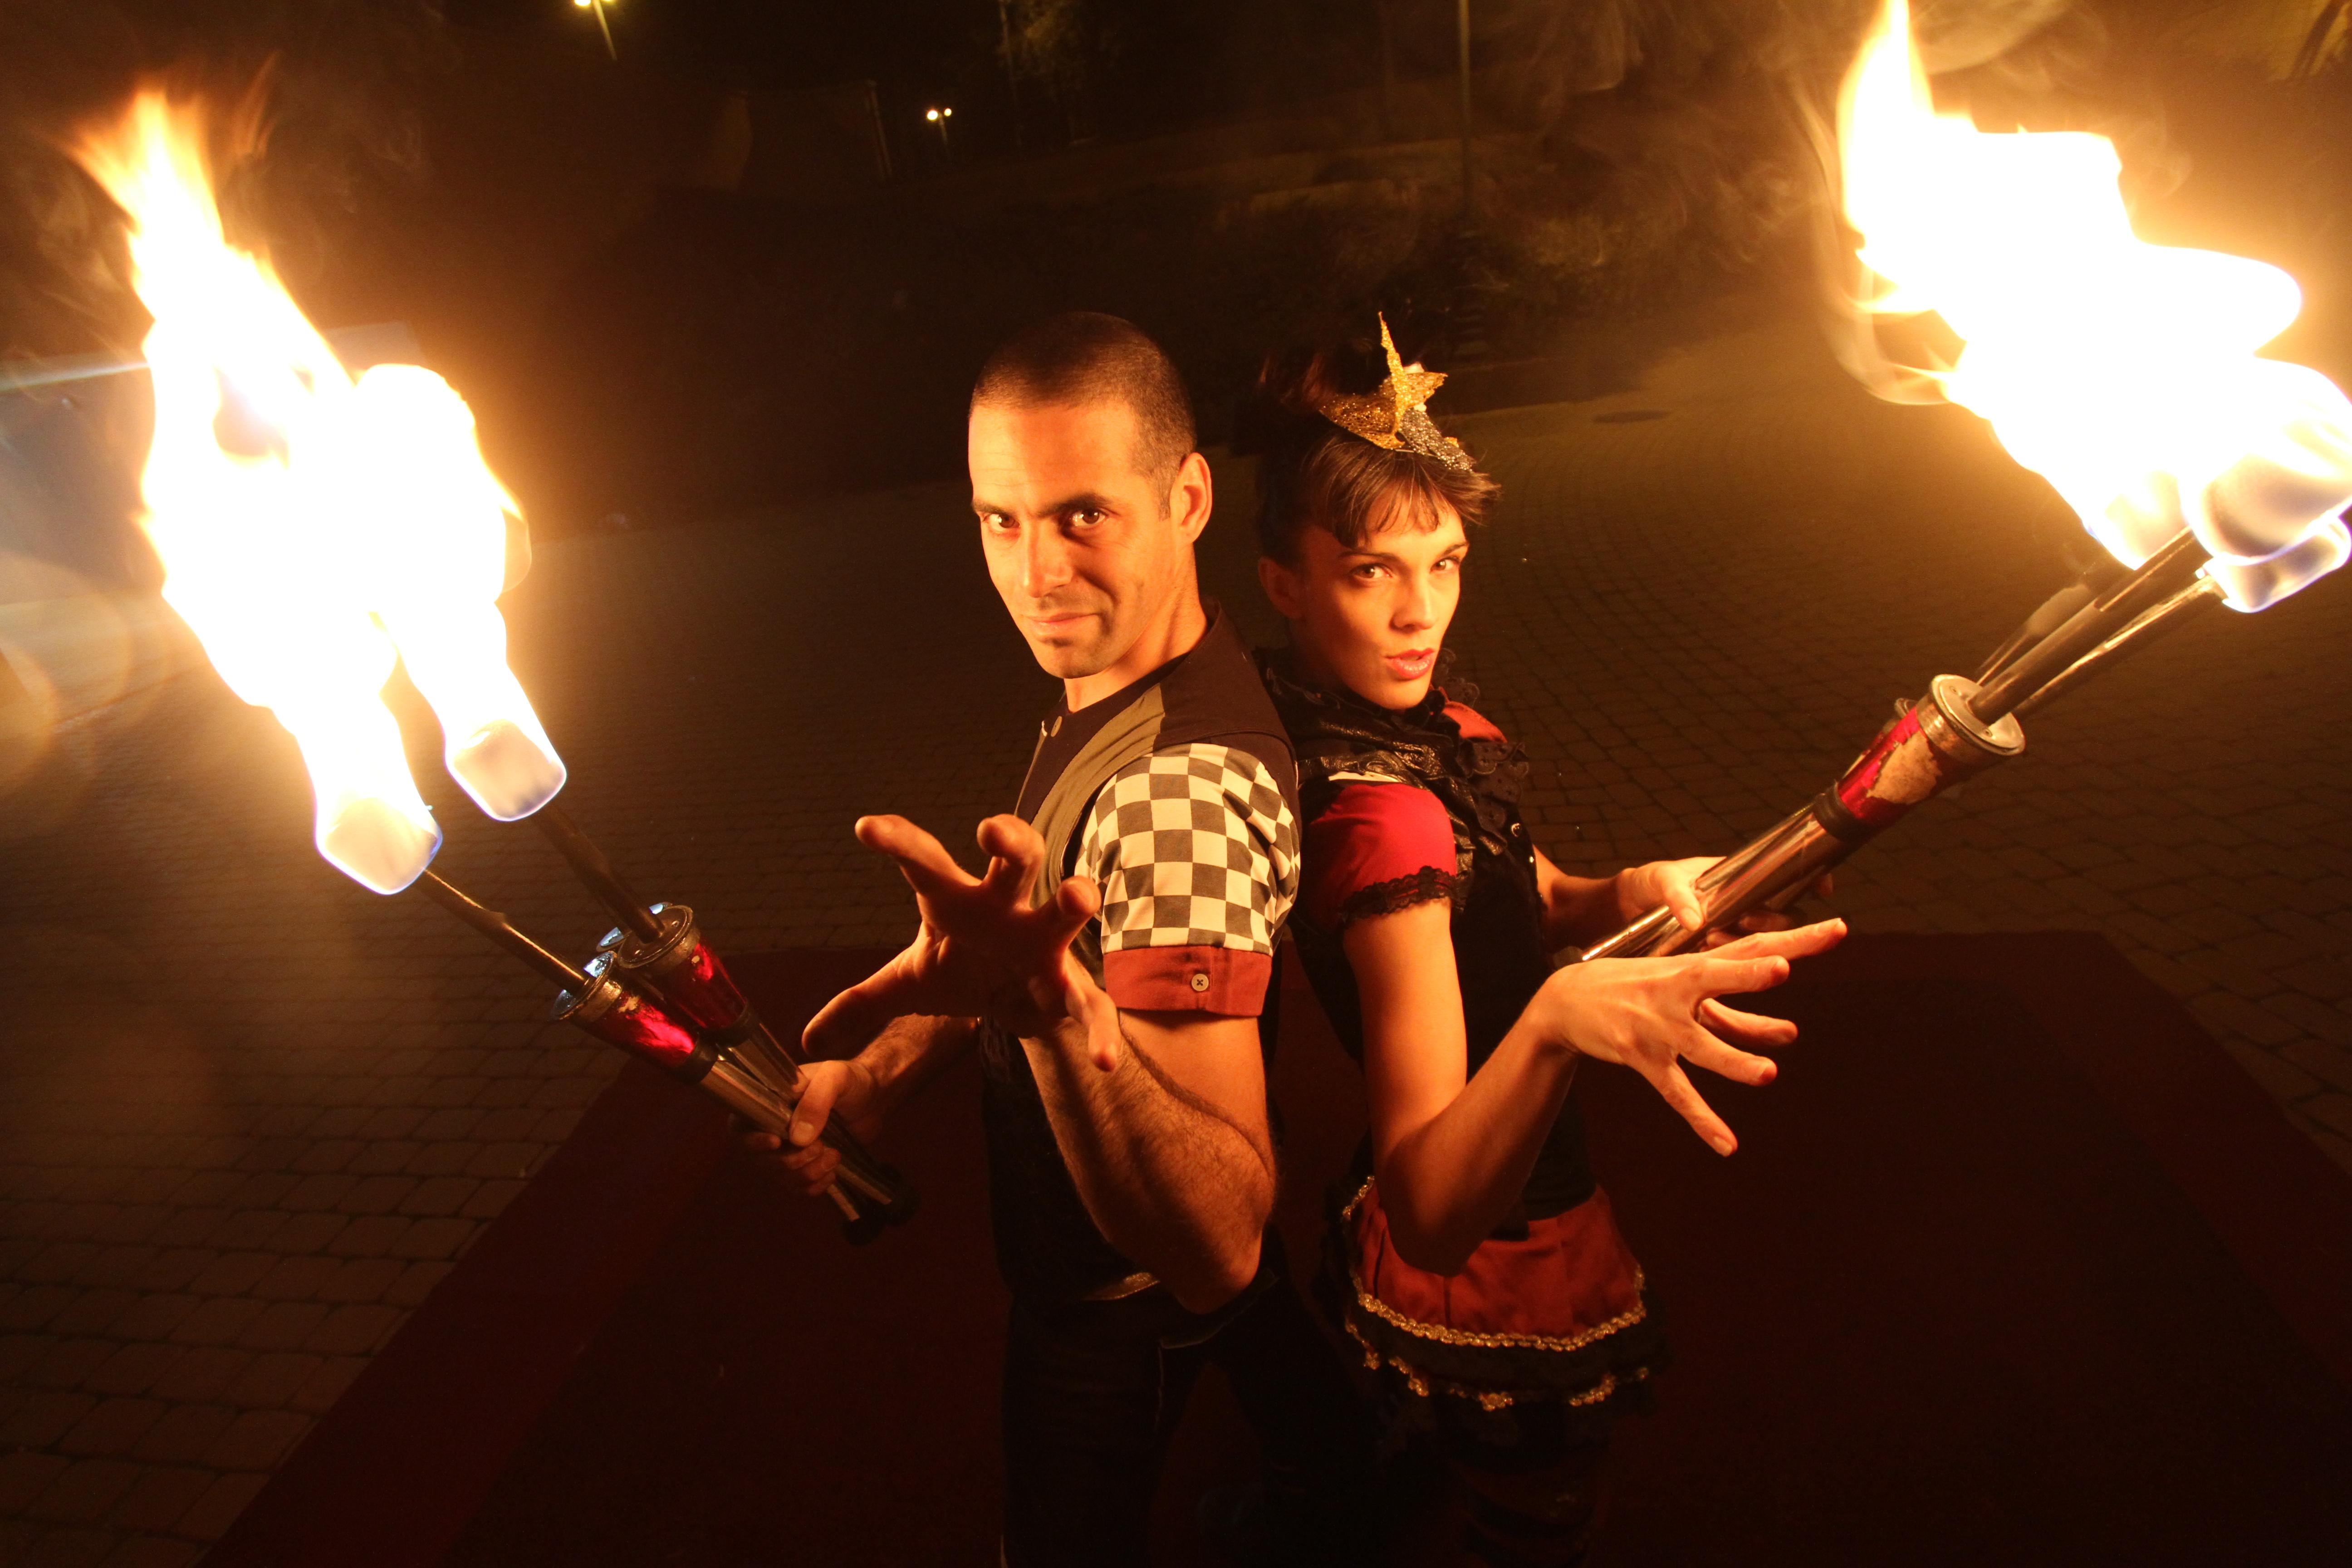 אורן וביאנקה עם לפידים בוערים במופע